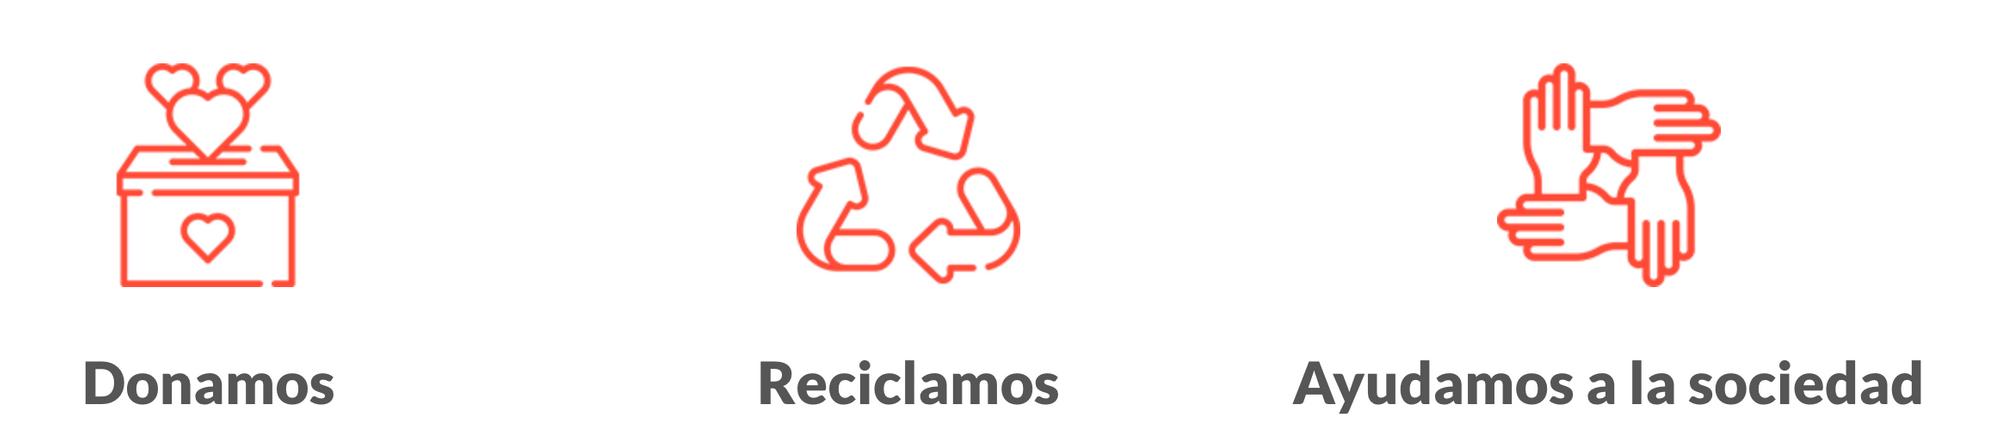 donamos, reciclamos, ayudamos a la sociedad